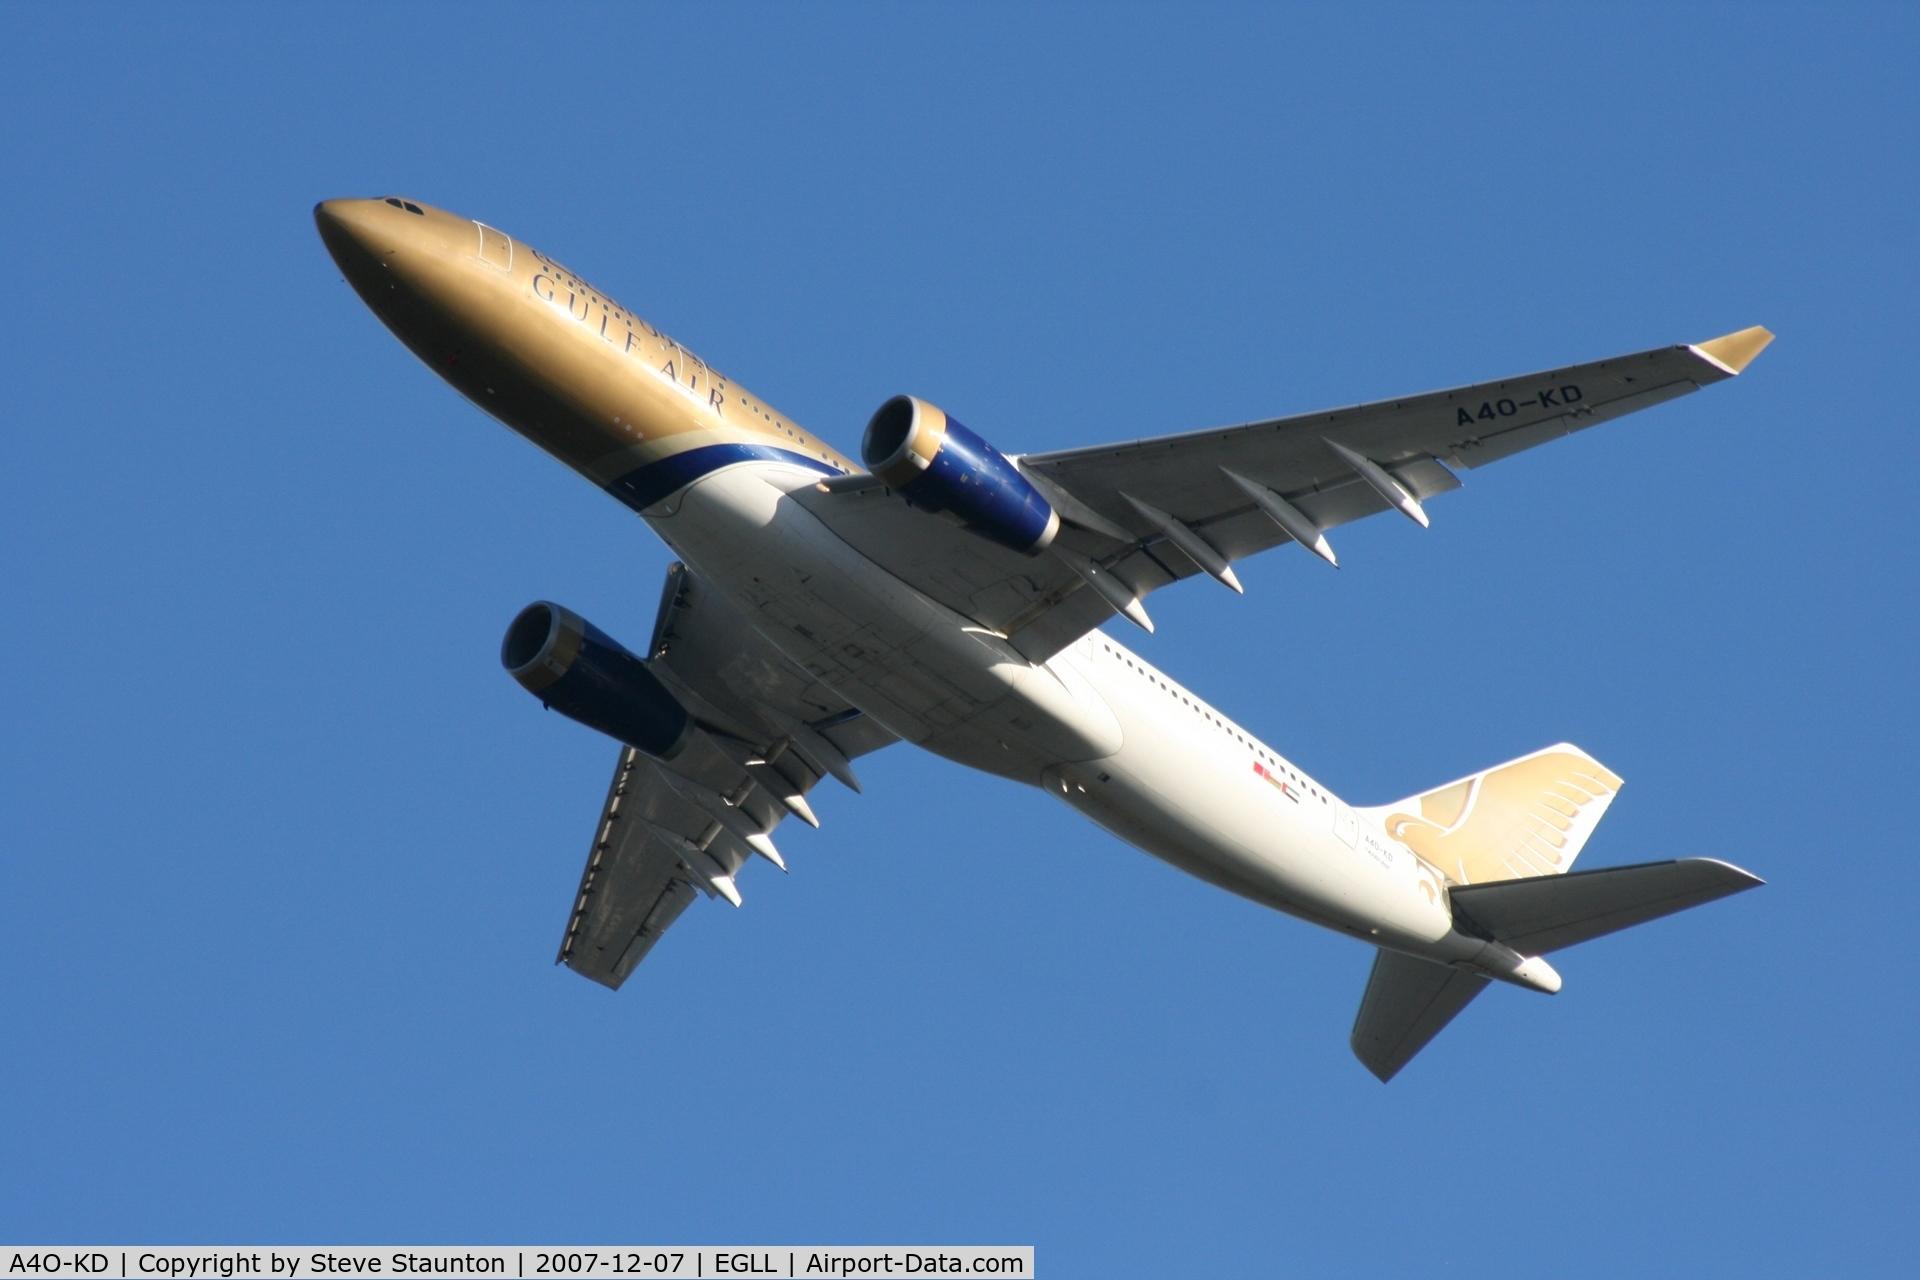 A4O-KD, 1999 Airbus A330-243 C/N 287, Taken at Heathrow Airport 07 December 2007